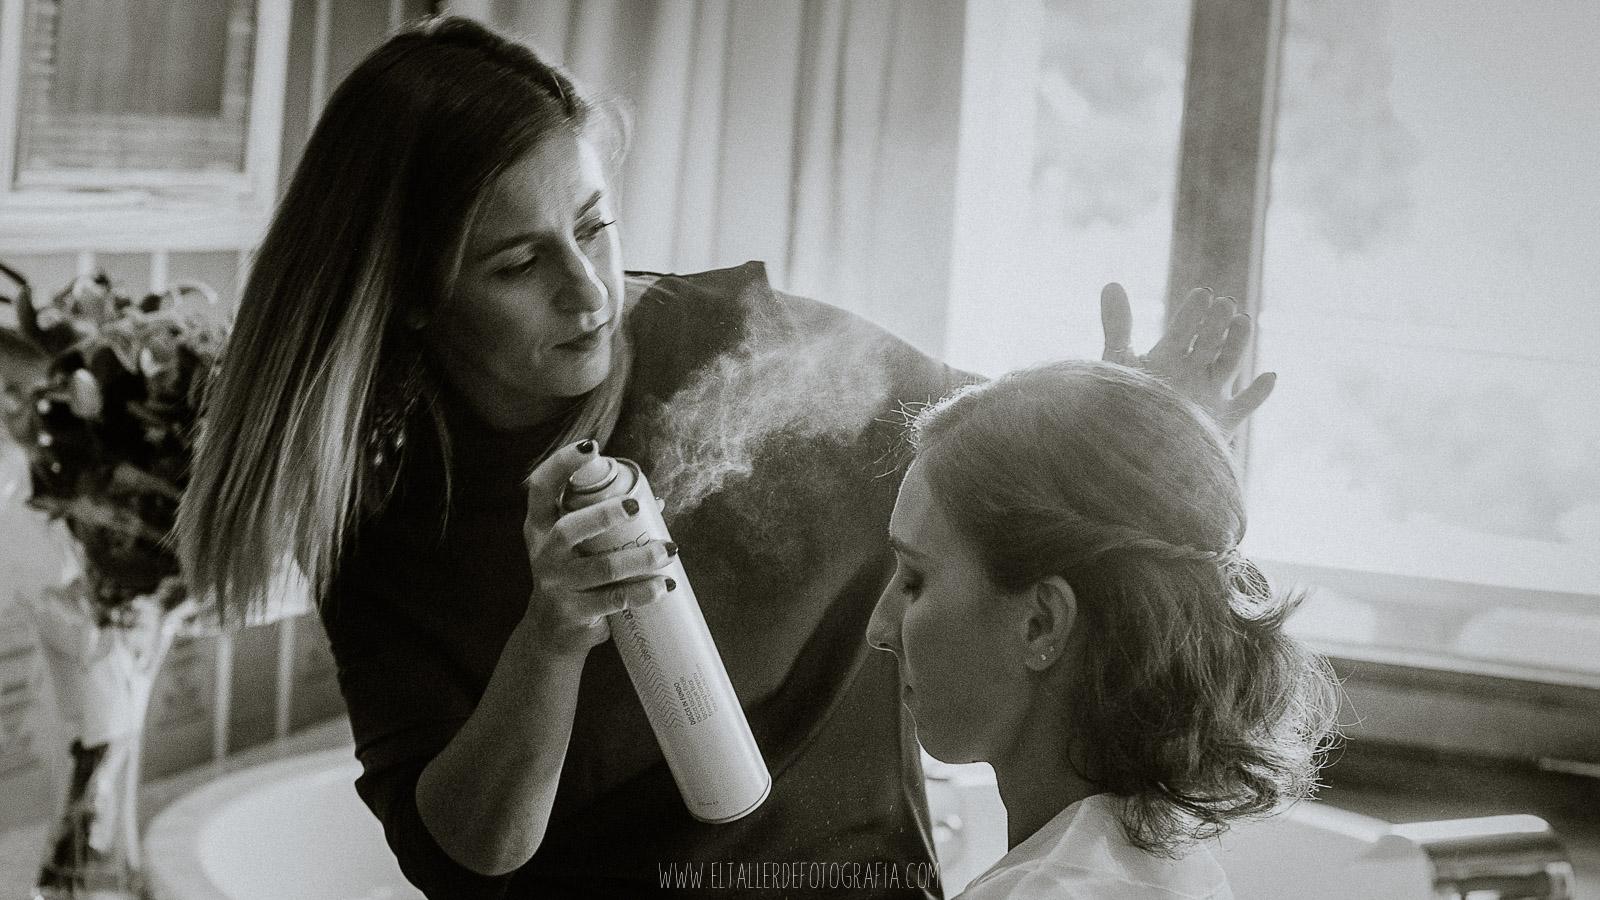 Peluquera dando los ultimos toques de laca al peinado de la novia